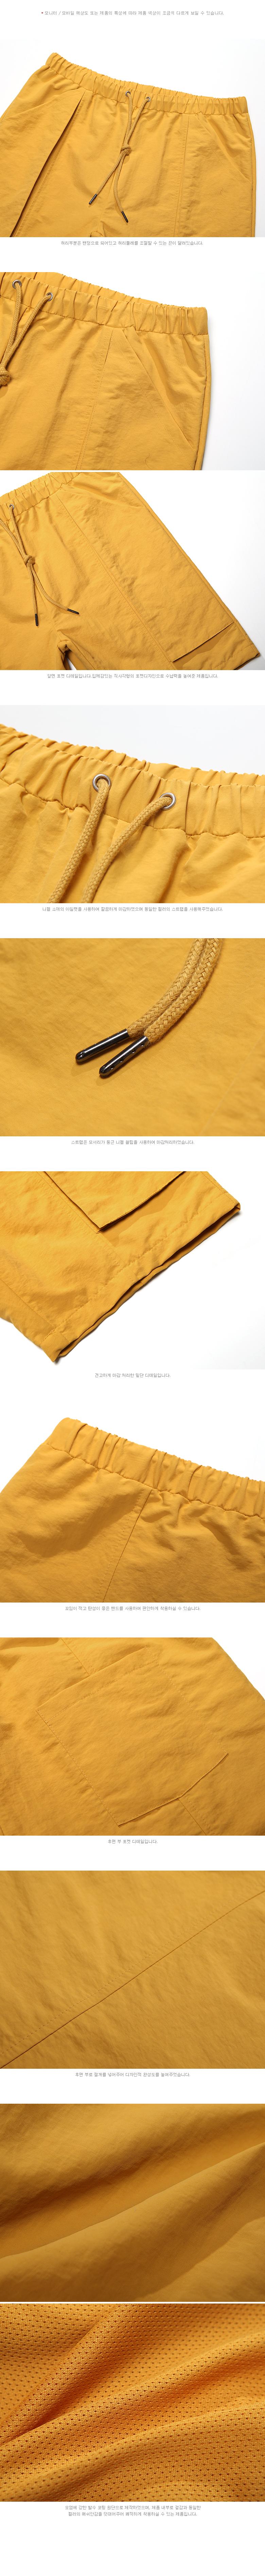 JHSP1173_detail_mustard_02.jpg